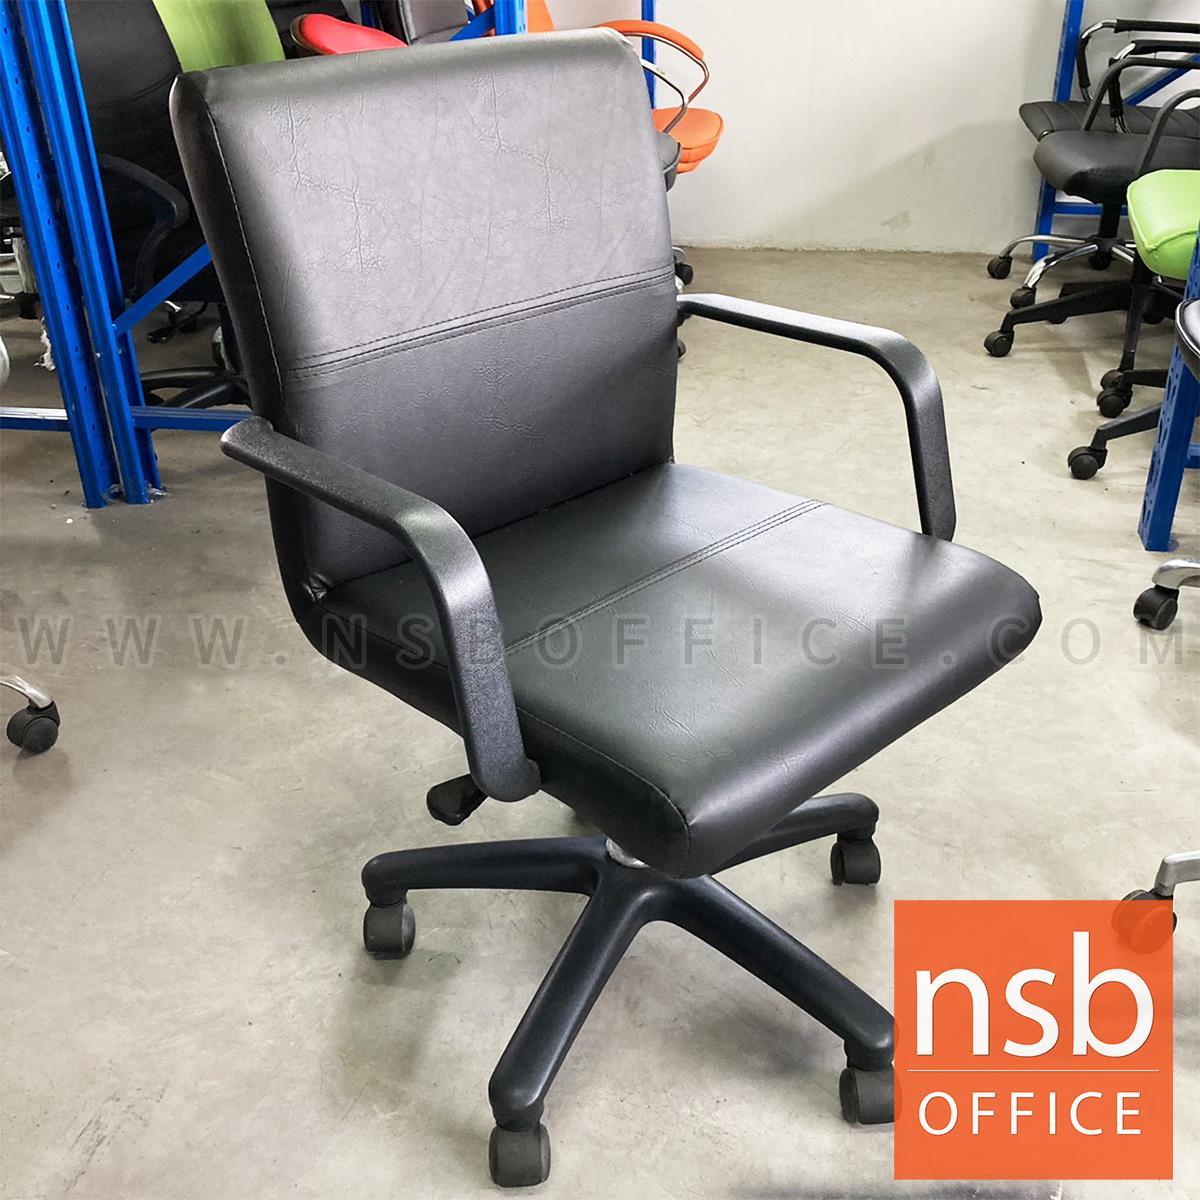 L02A377:เก้าอี้สำนักงาน    โช๊คแก๊ส ขาพลาสติก